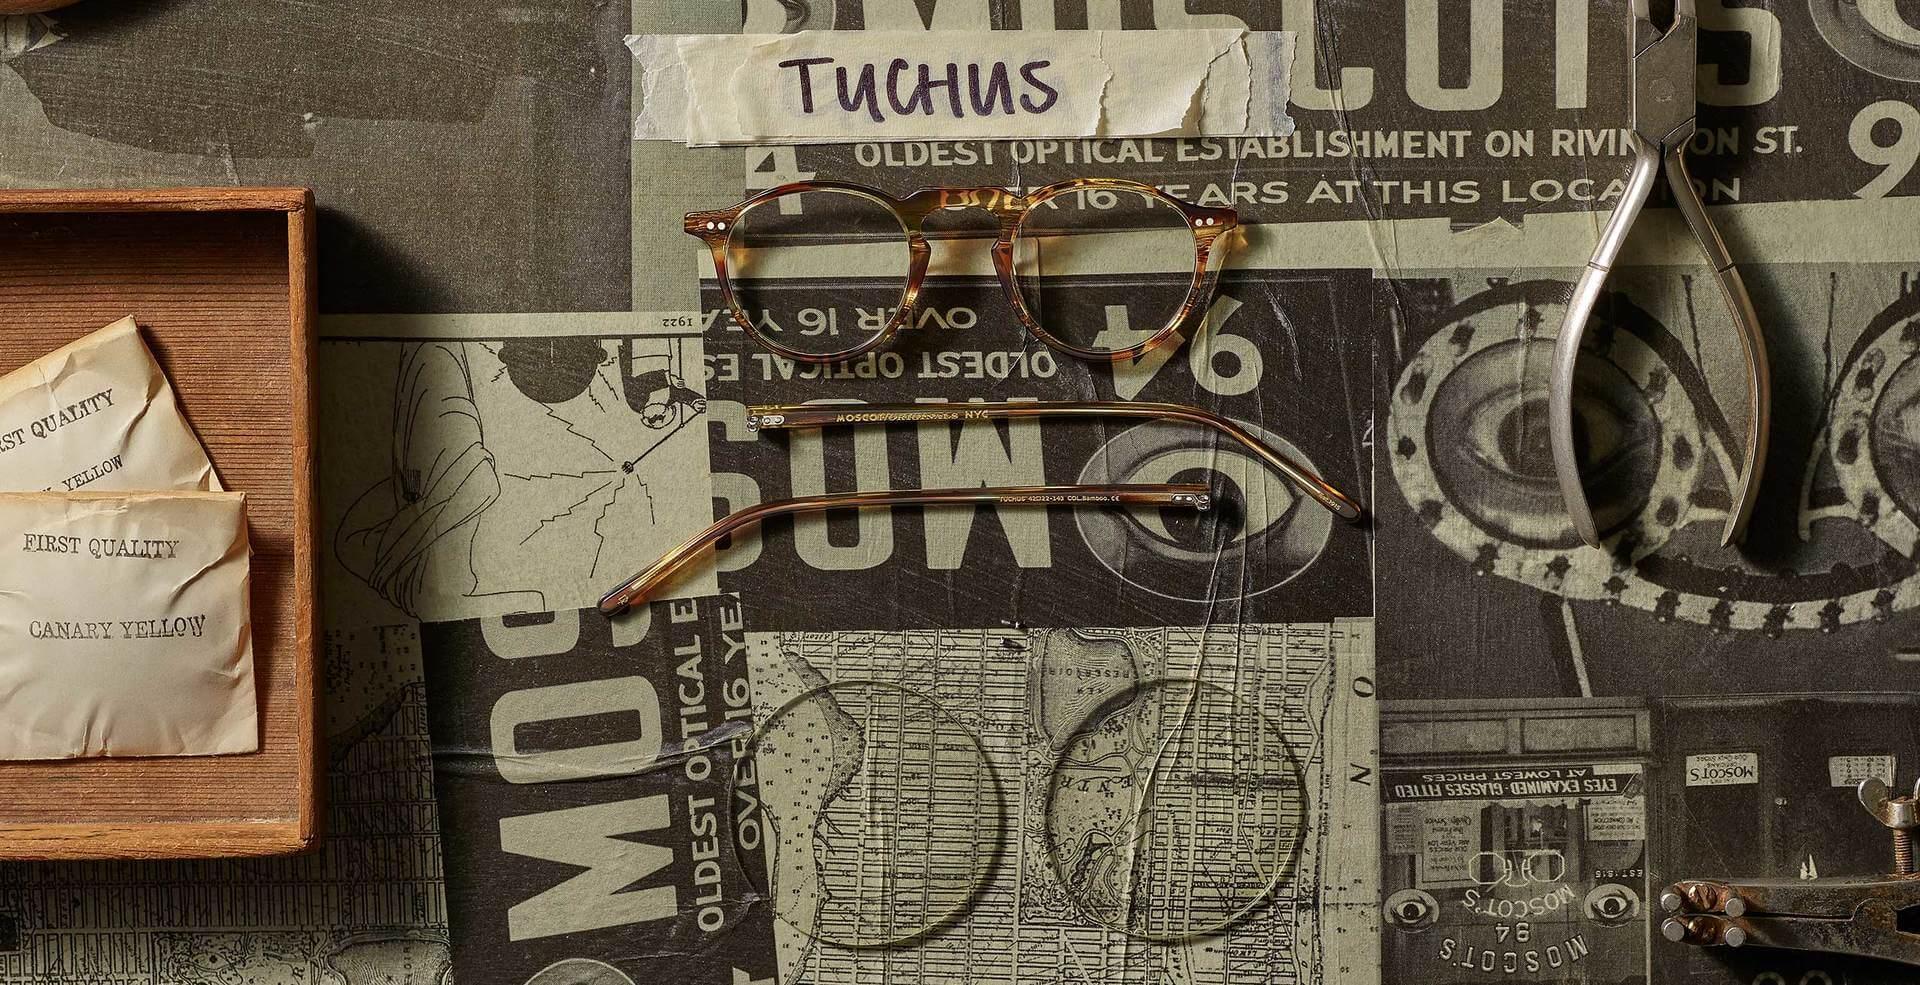 TUCHUS